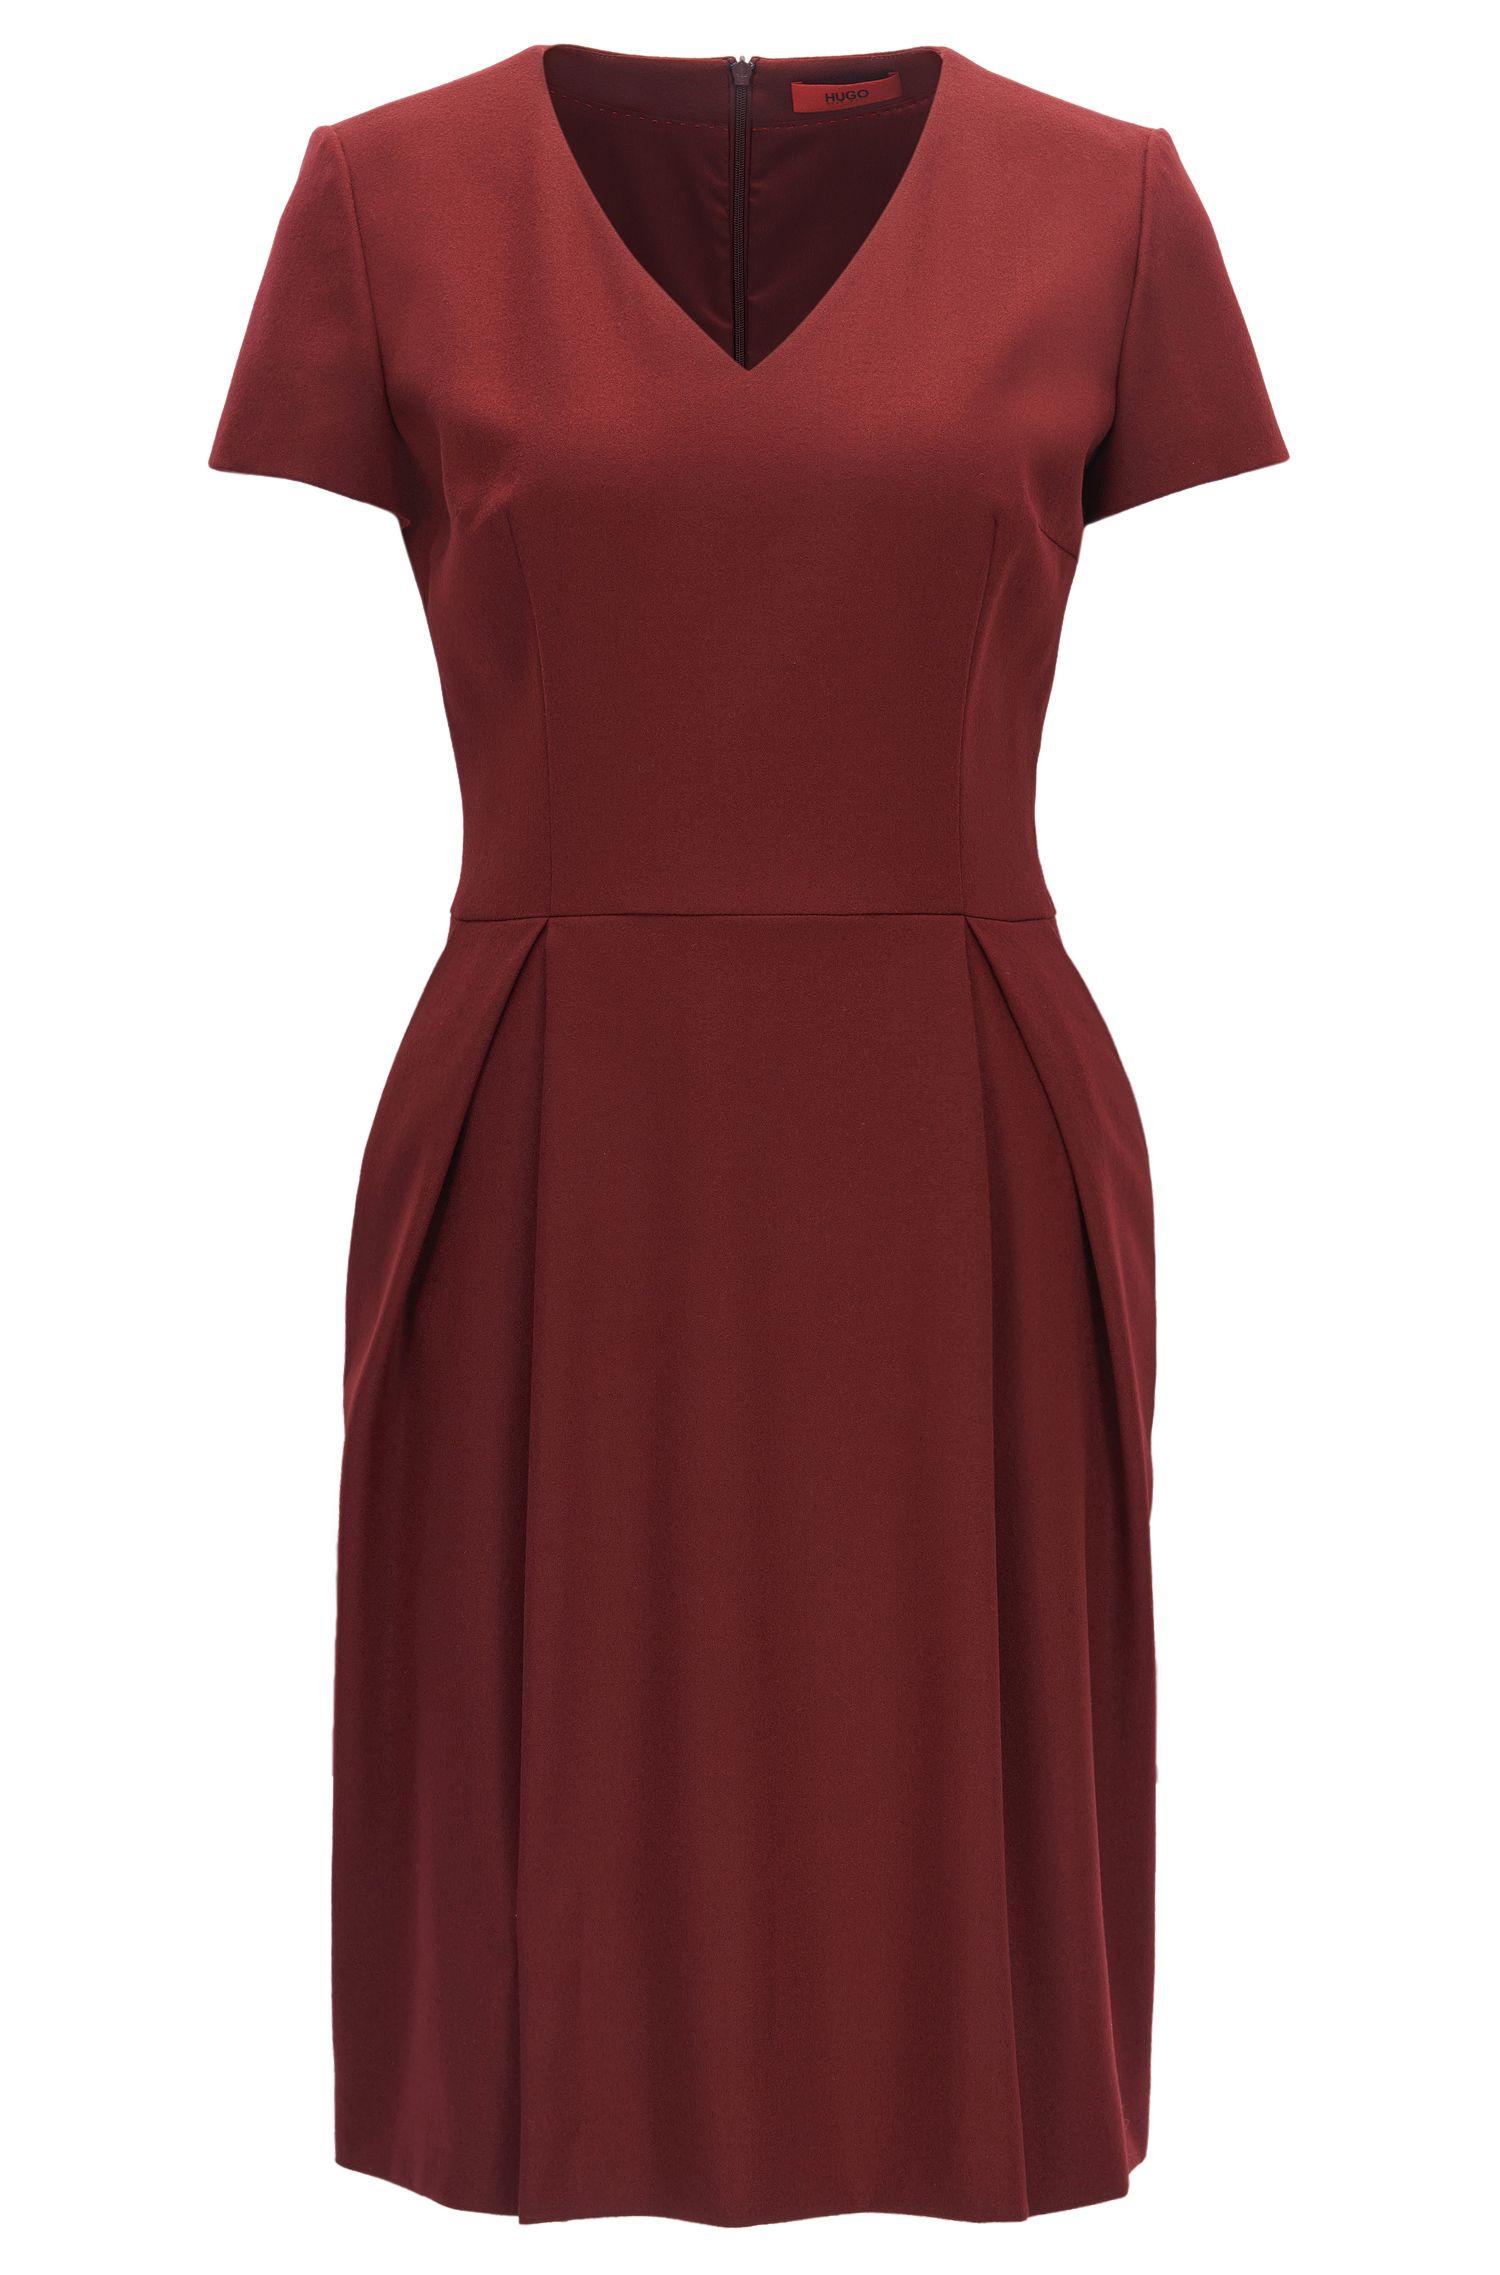 Vestito con scollo a V in lana vergine elasticizzata